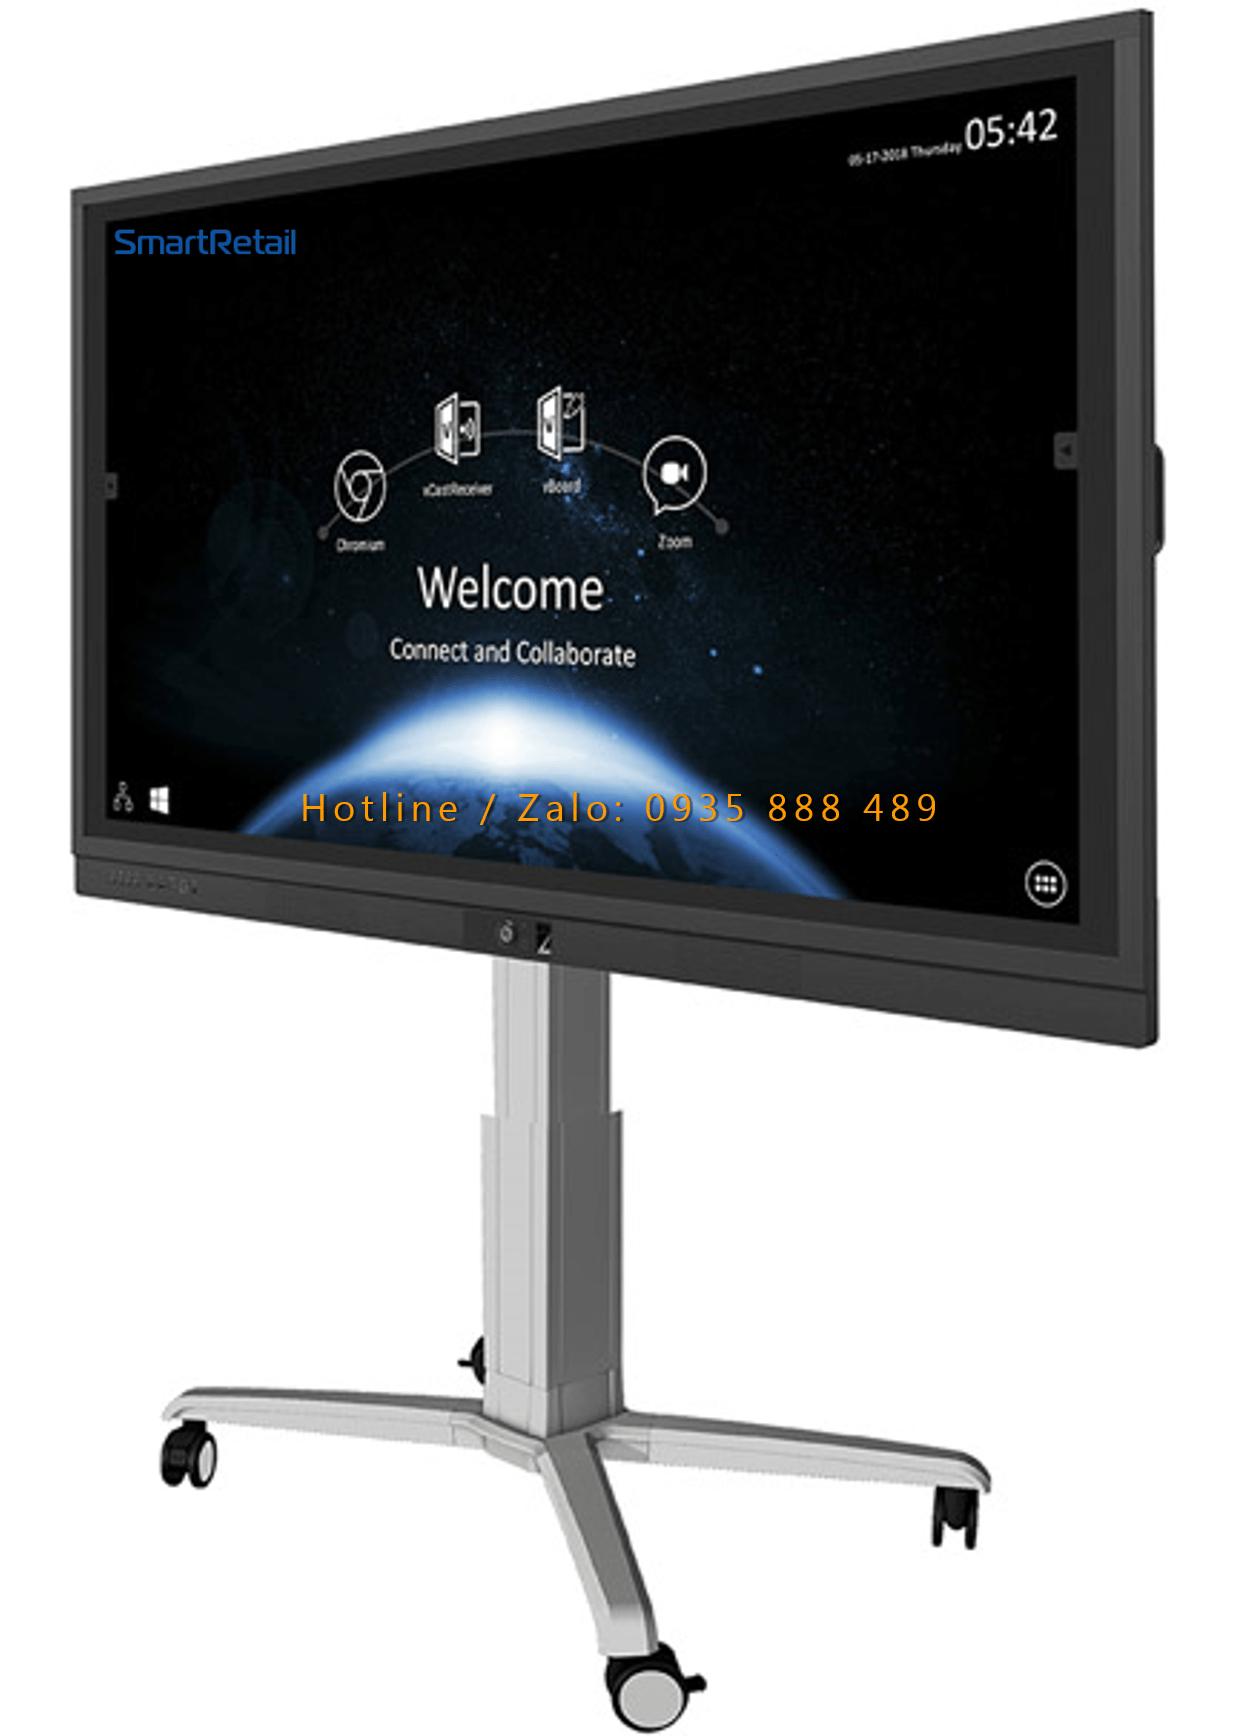 Màn hình tương tác Viewsonic IFP6560 - Màn hình tương tác thông minh thế hệ mới